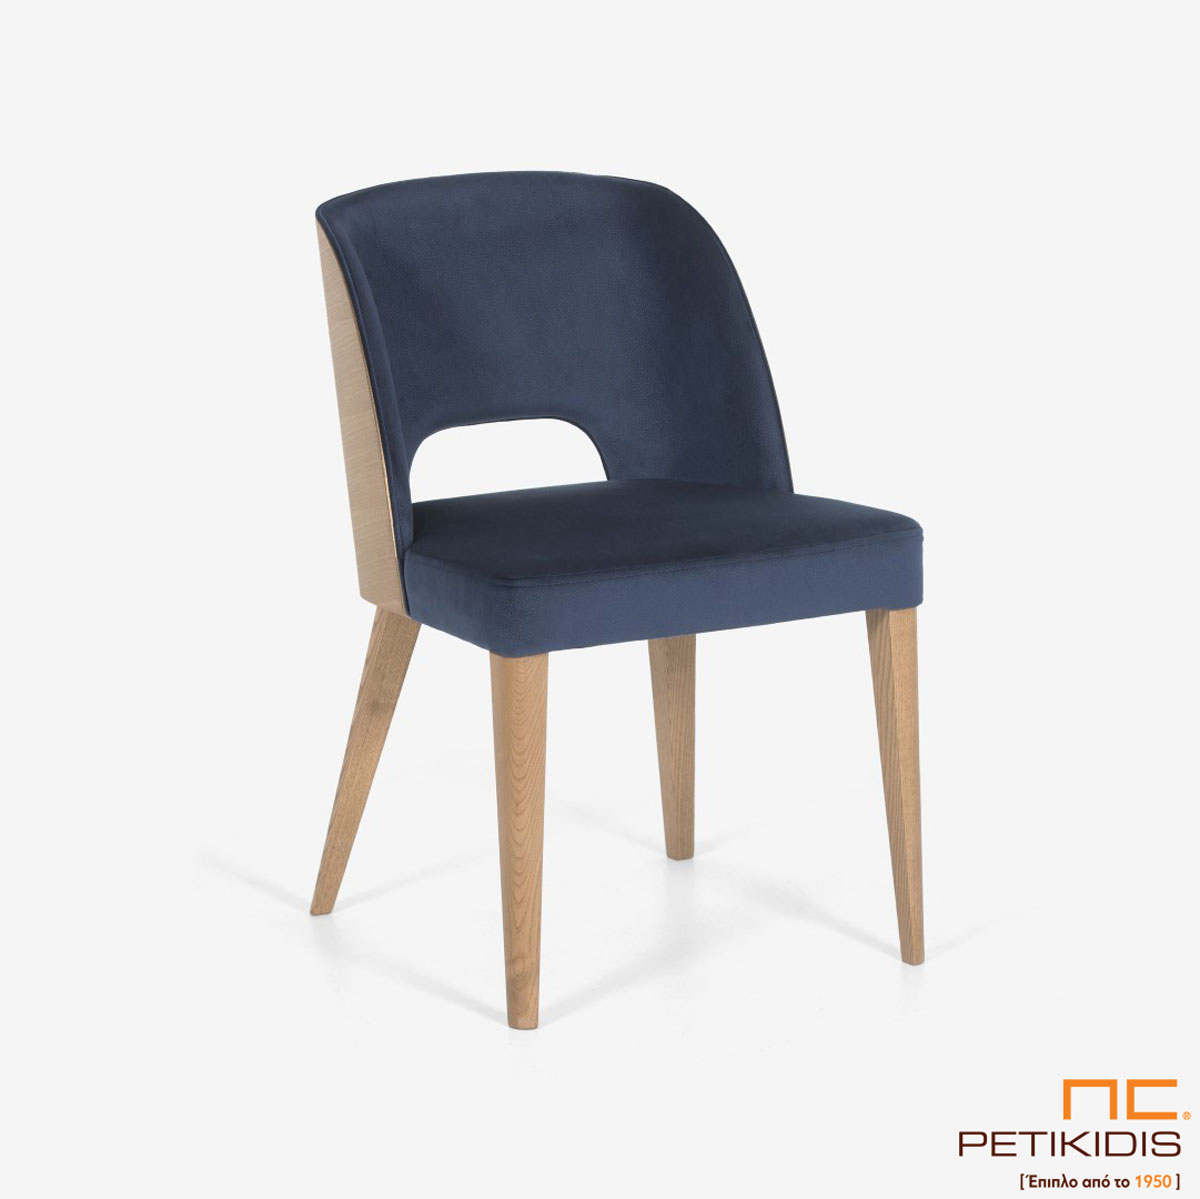 Καρέκλα Marien Plus A93 με ξύλινη μασίφ βάση και περίτεχνη ξύλινη πλάτη. Το ύφασμα είναι σε μπλε σκούρο χρώμα αδιάβροχο και αλέκιαστο.